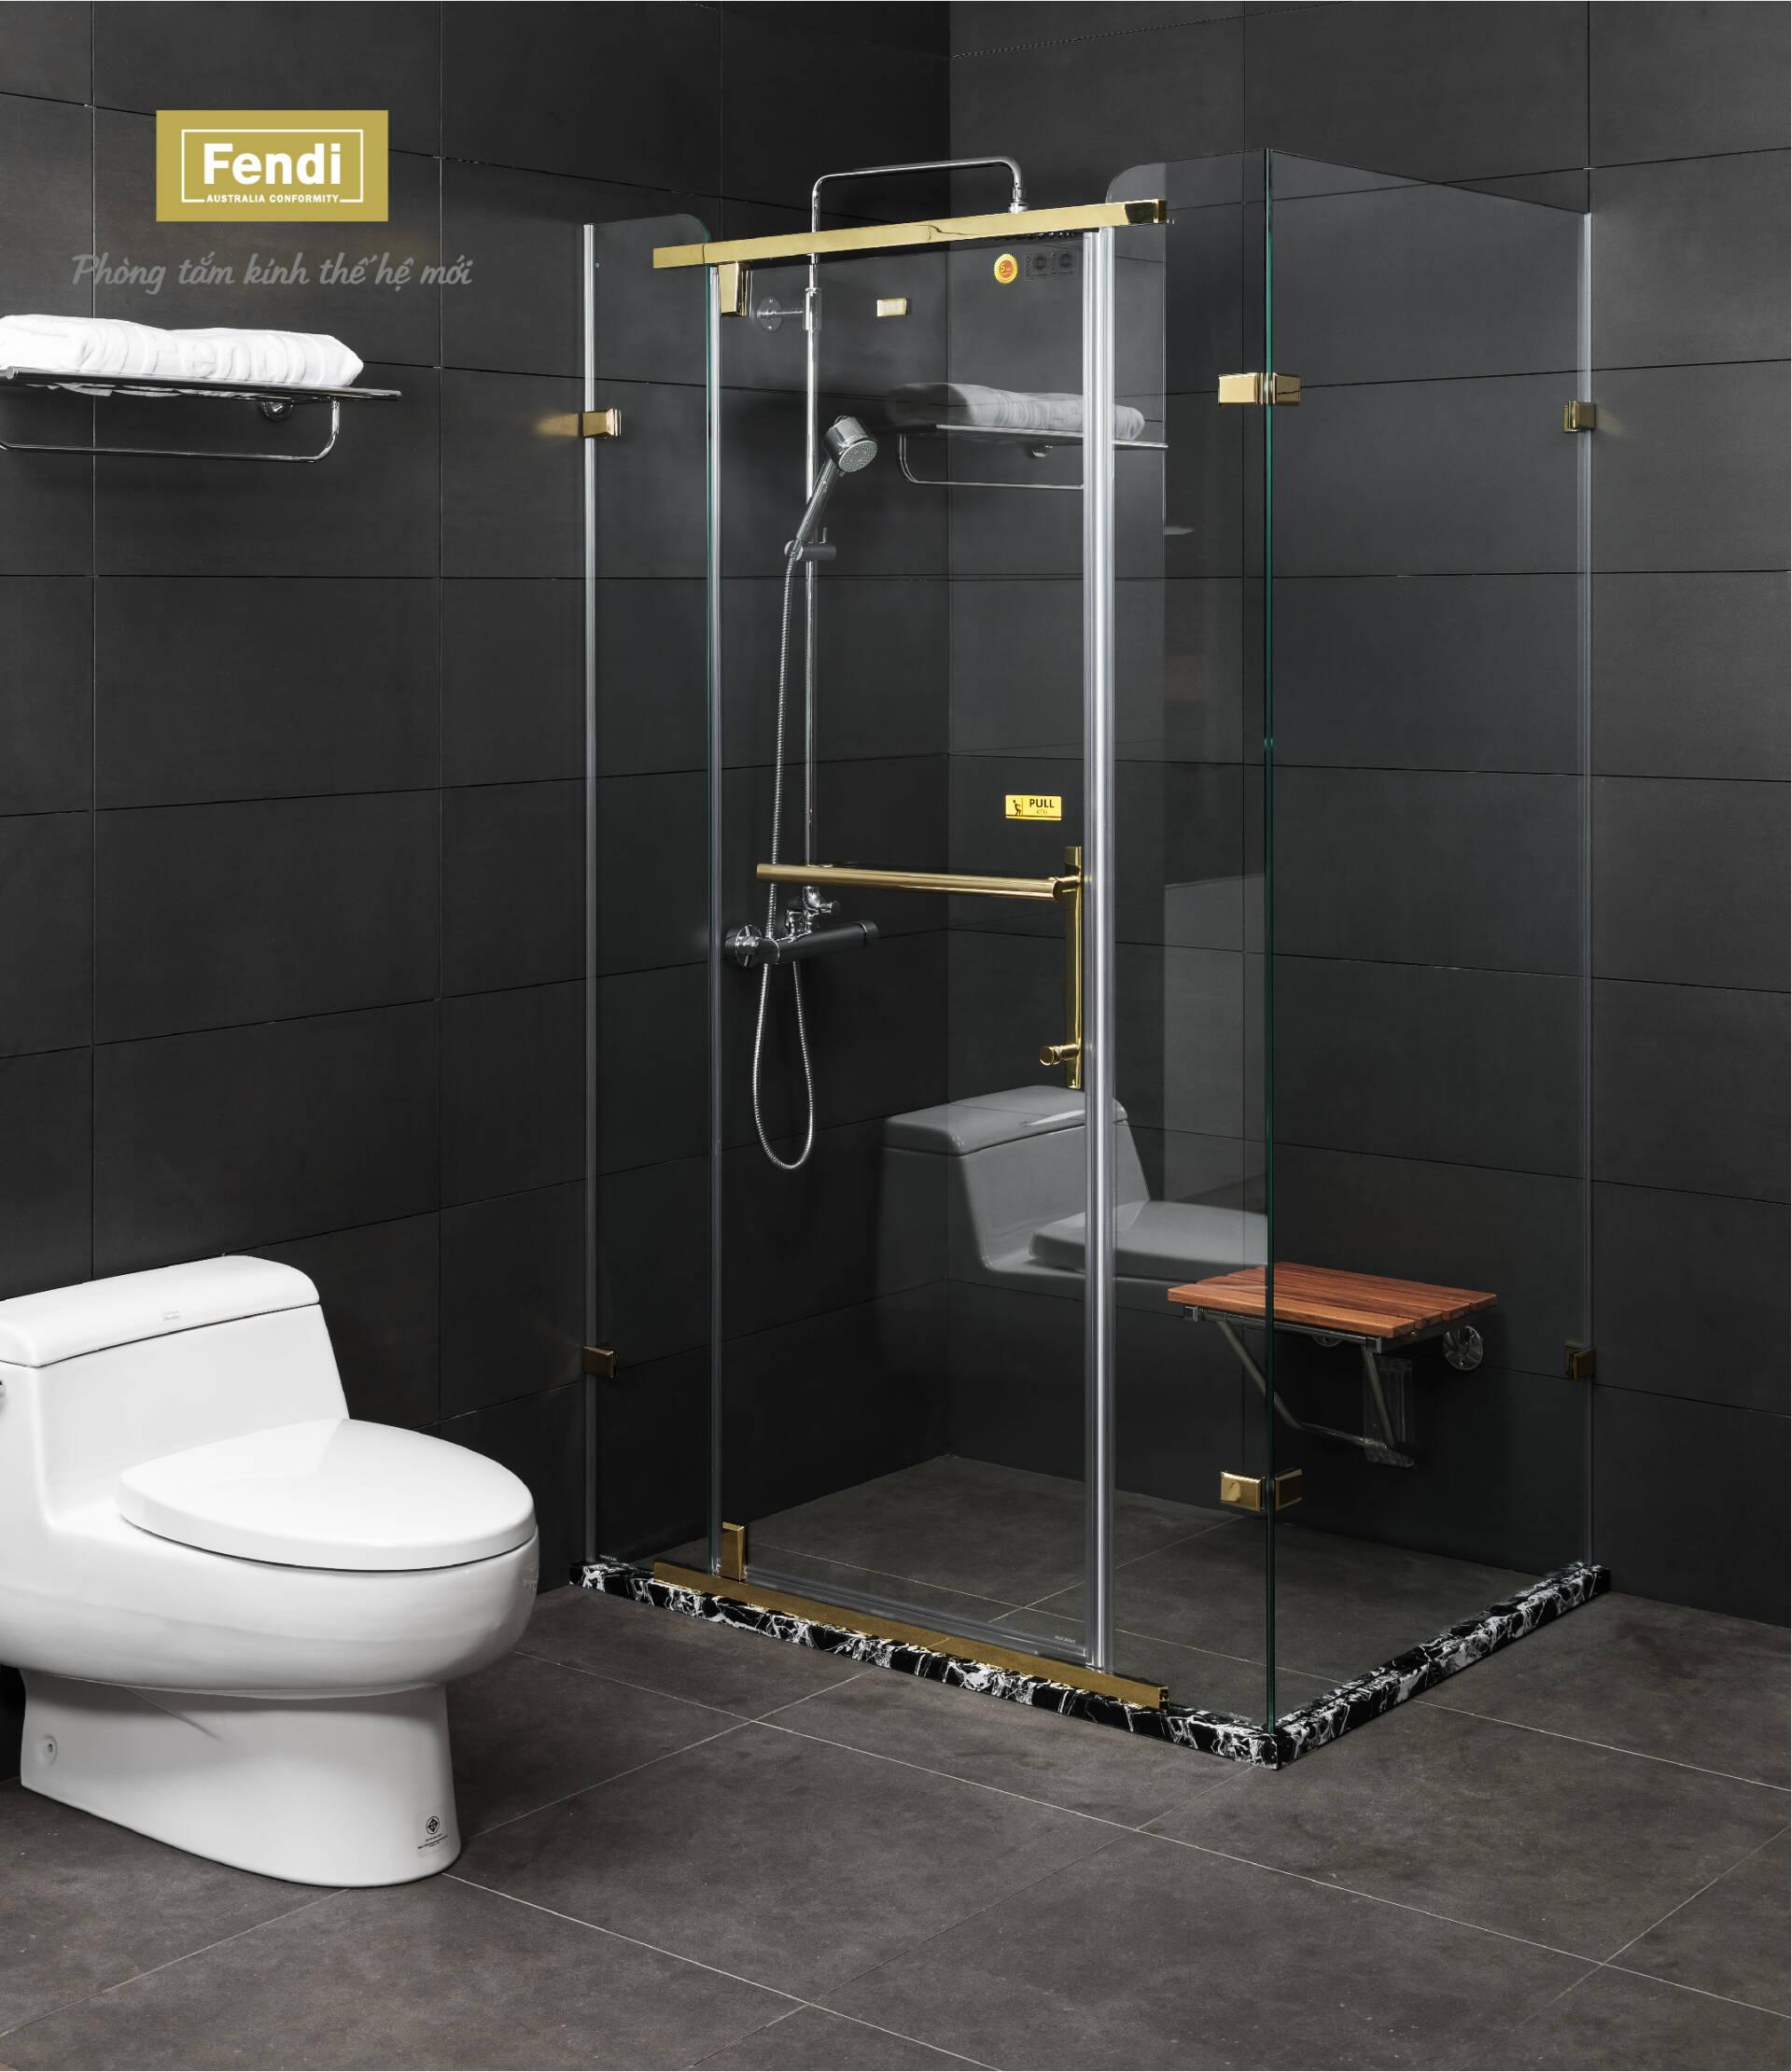 Phòng tắm kính Fendi sử dụng diềm vân đá